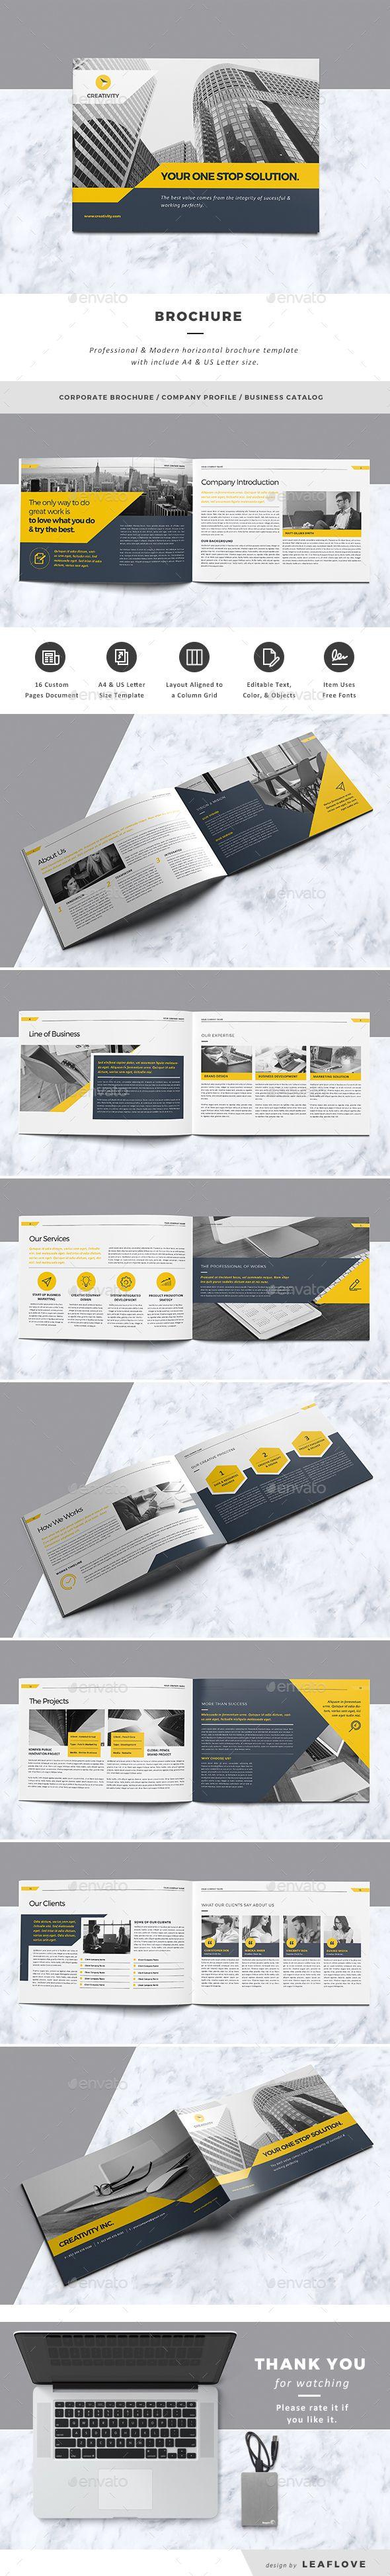 Brochure - Corporate Brochures Download here : https://graphicriver.net/item/brochure/19433331?s_rank=130&ref=Al-fatih